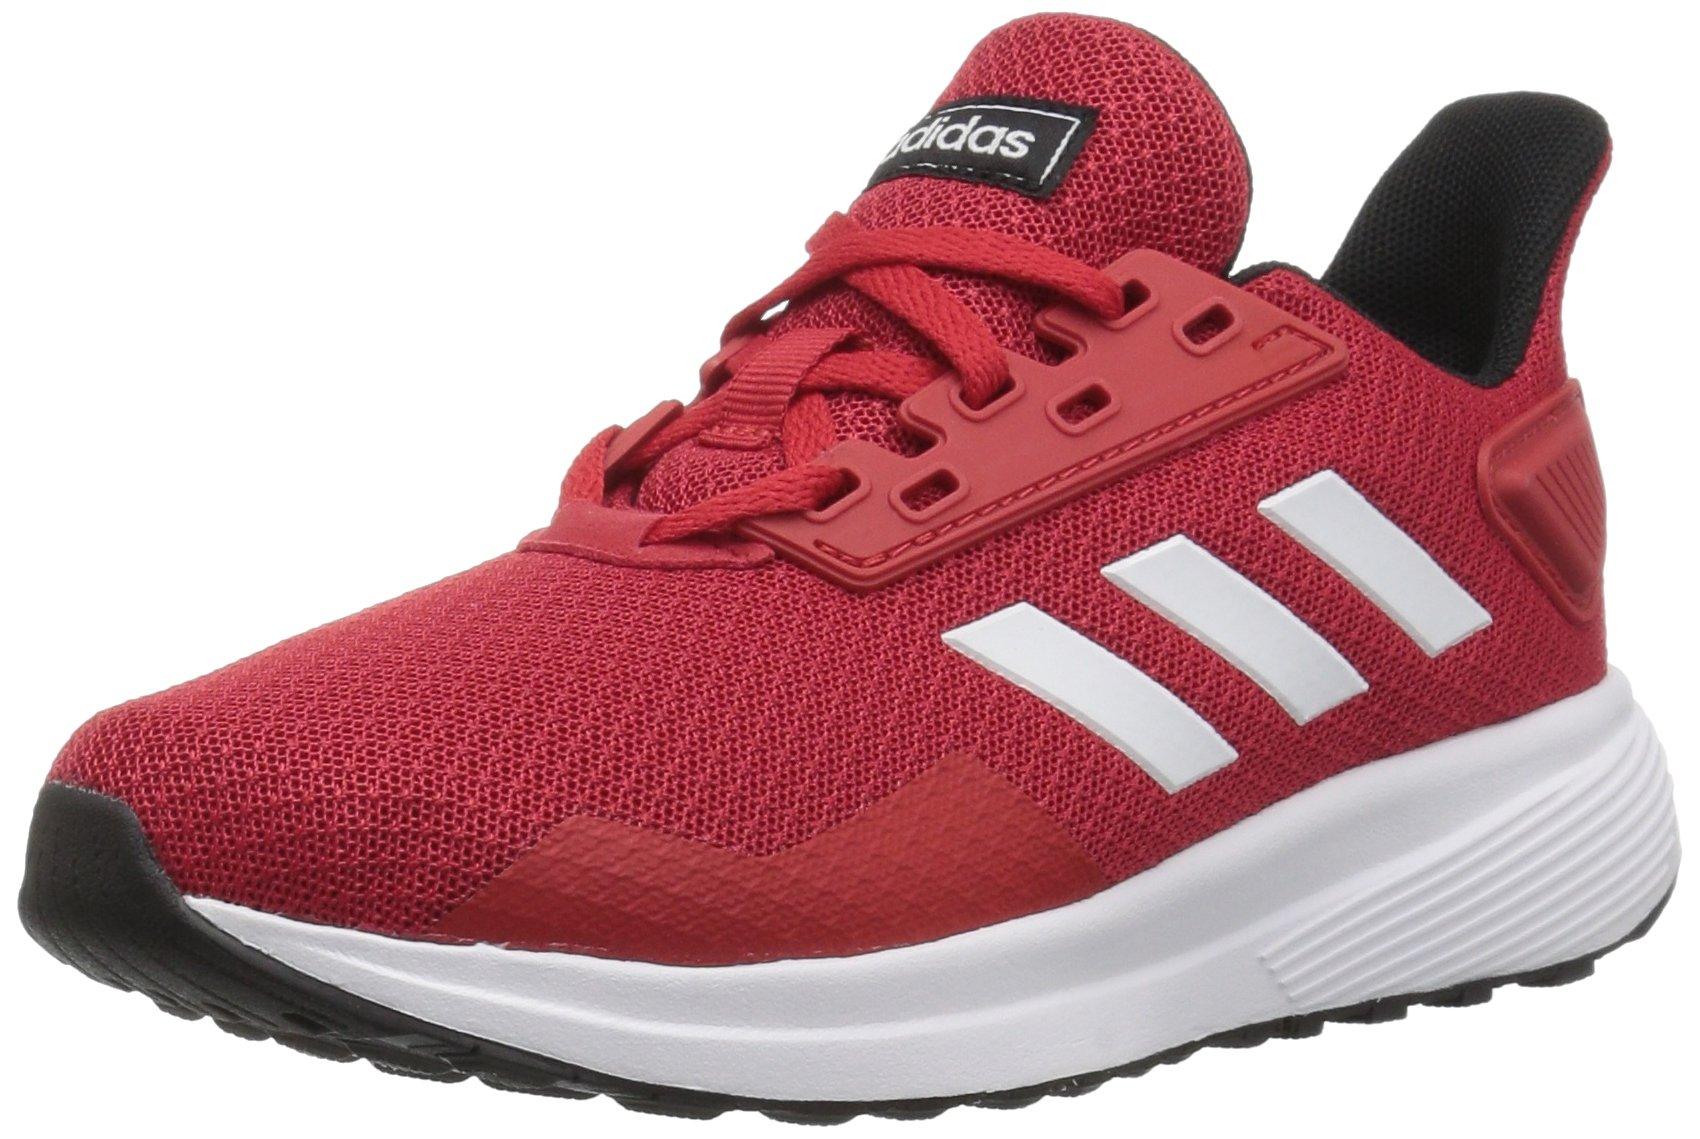 adidas Performance Unisex-Kids Duramo 9 Running Shoe, Scarlet/White/Black, 7 M US Big Kid